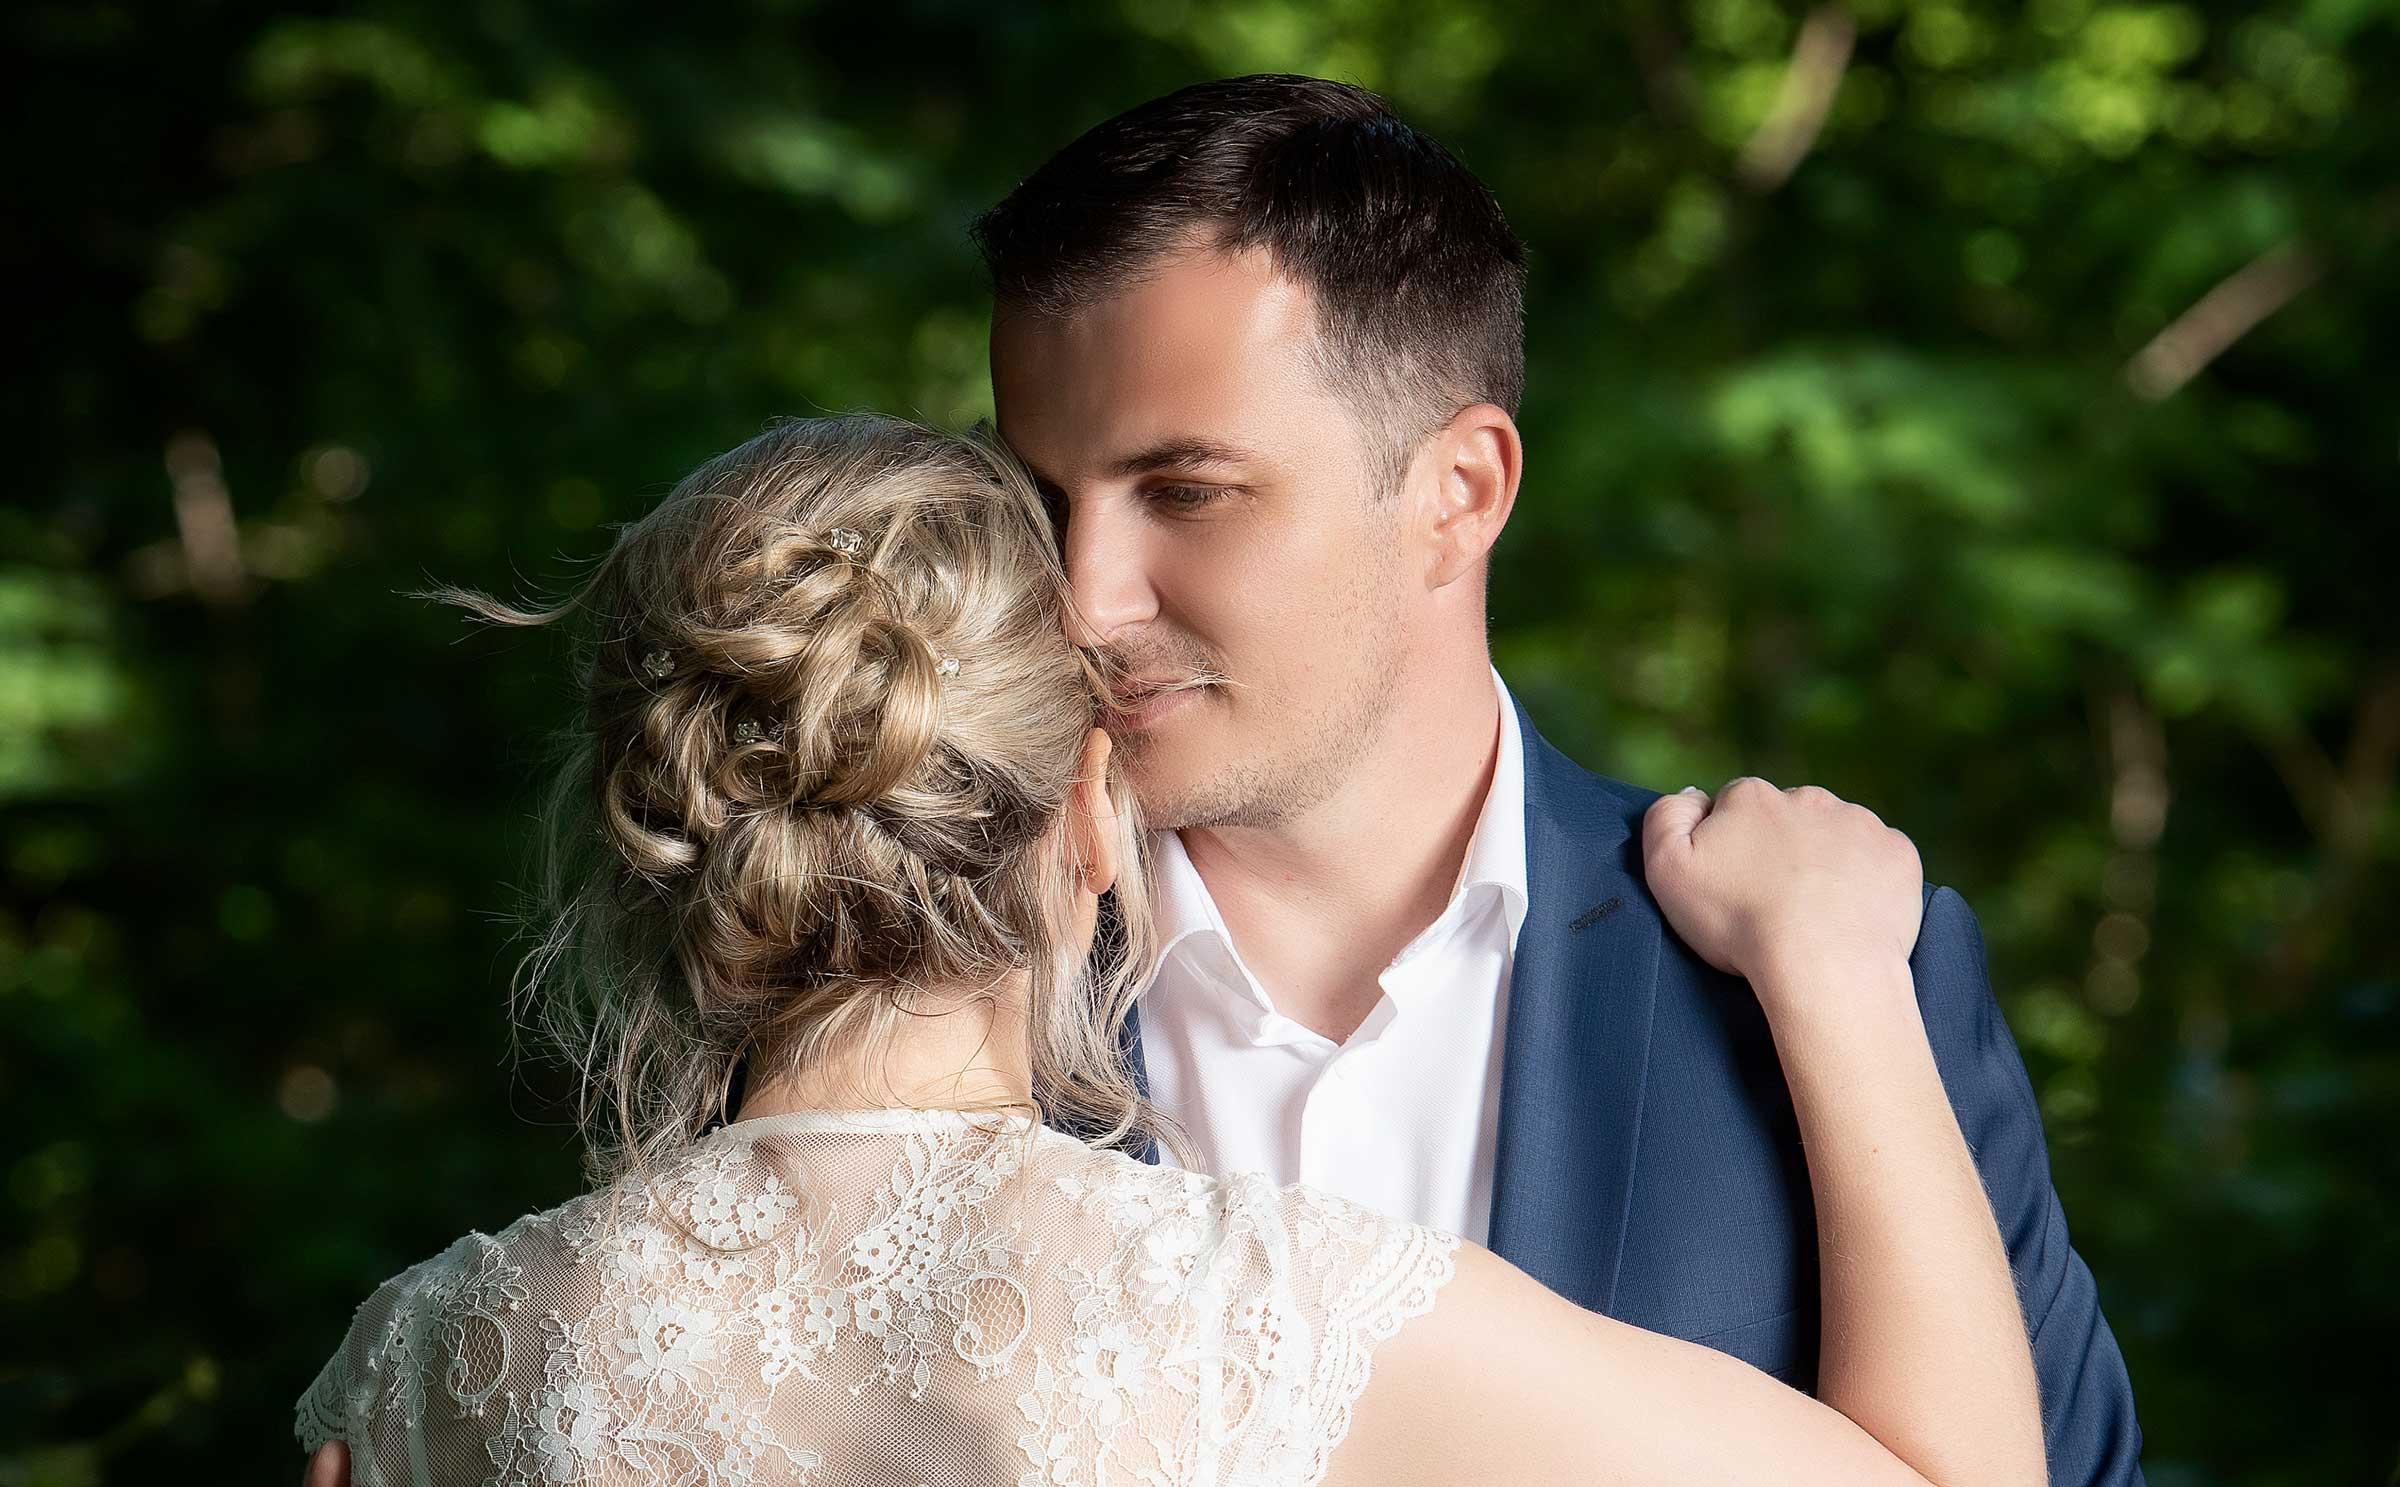 True-Creative-Agency-Hochzeitsfotografie-11-1